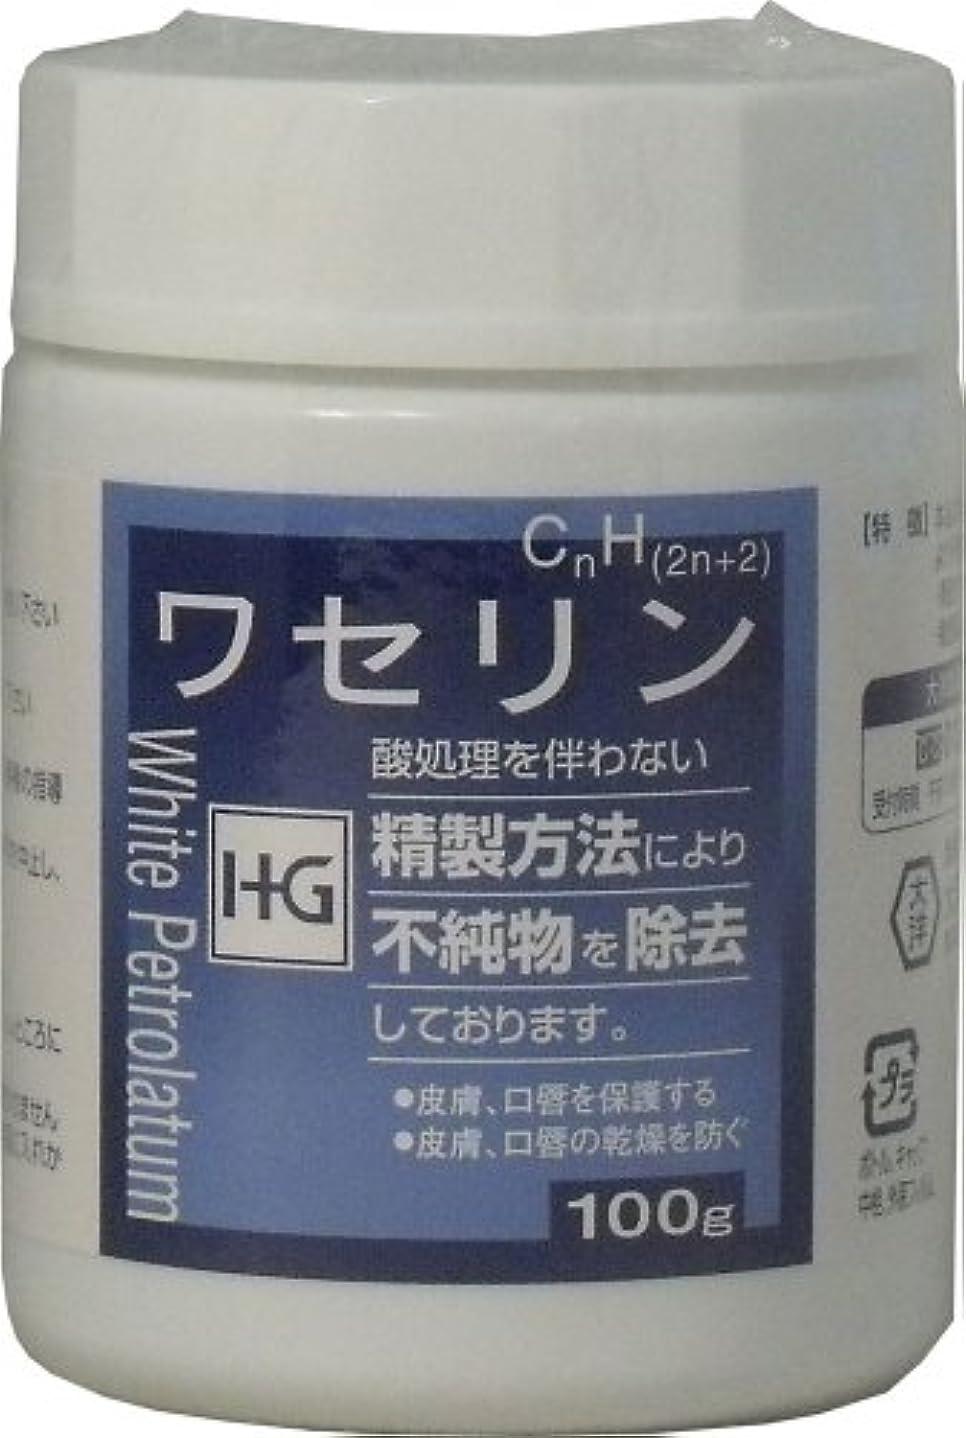 カニ苦難潮皮膚保護 ワセリンHG 100g ×3個セット